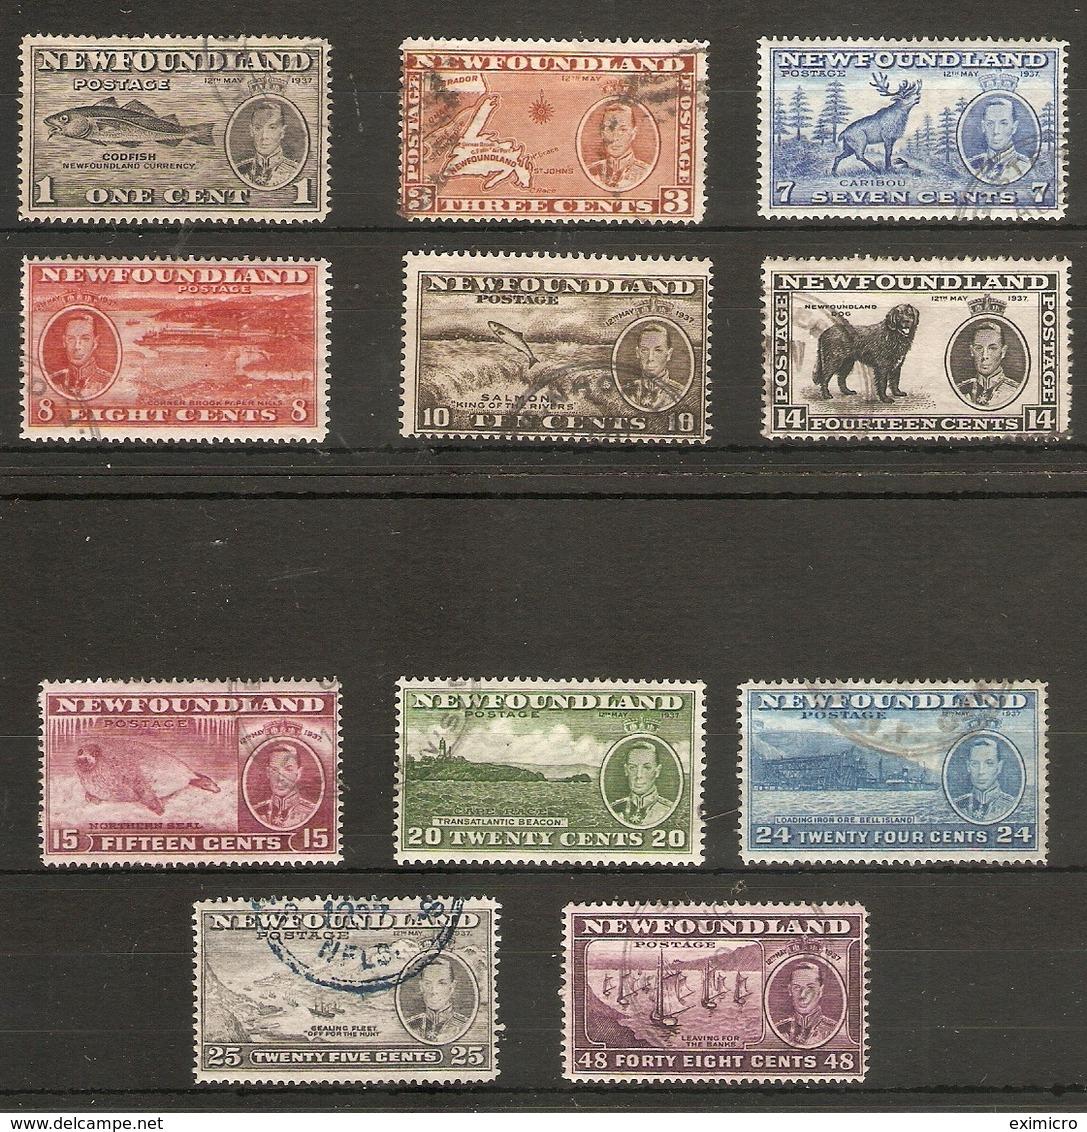 NEWFOUNDLAND 1937 CORONATION LONG SET SG 257/267 FINE USED Cat £50 - 1908-1947